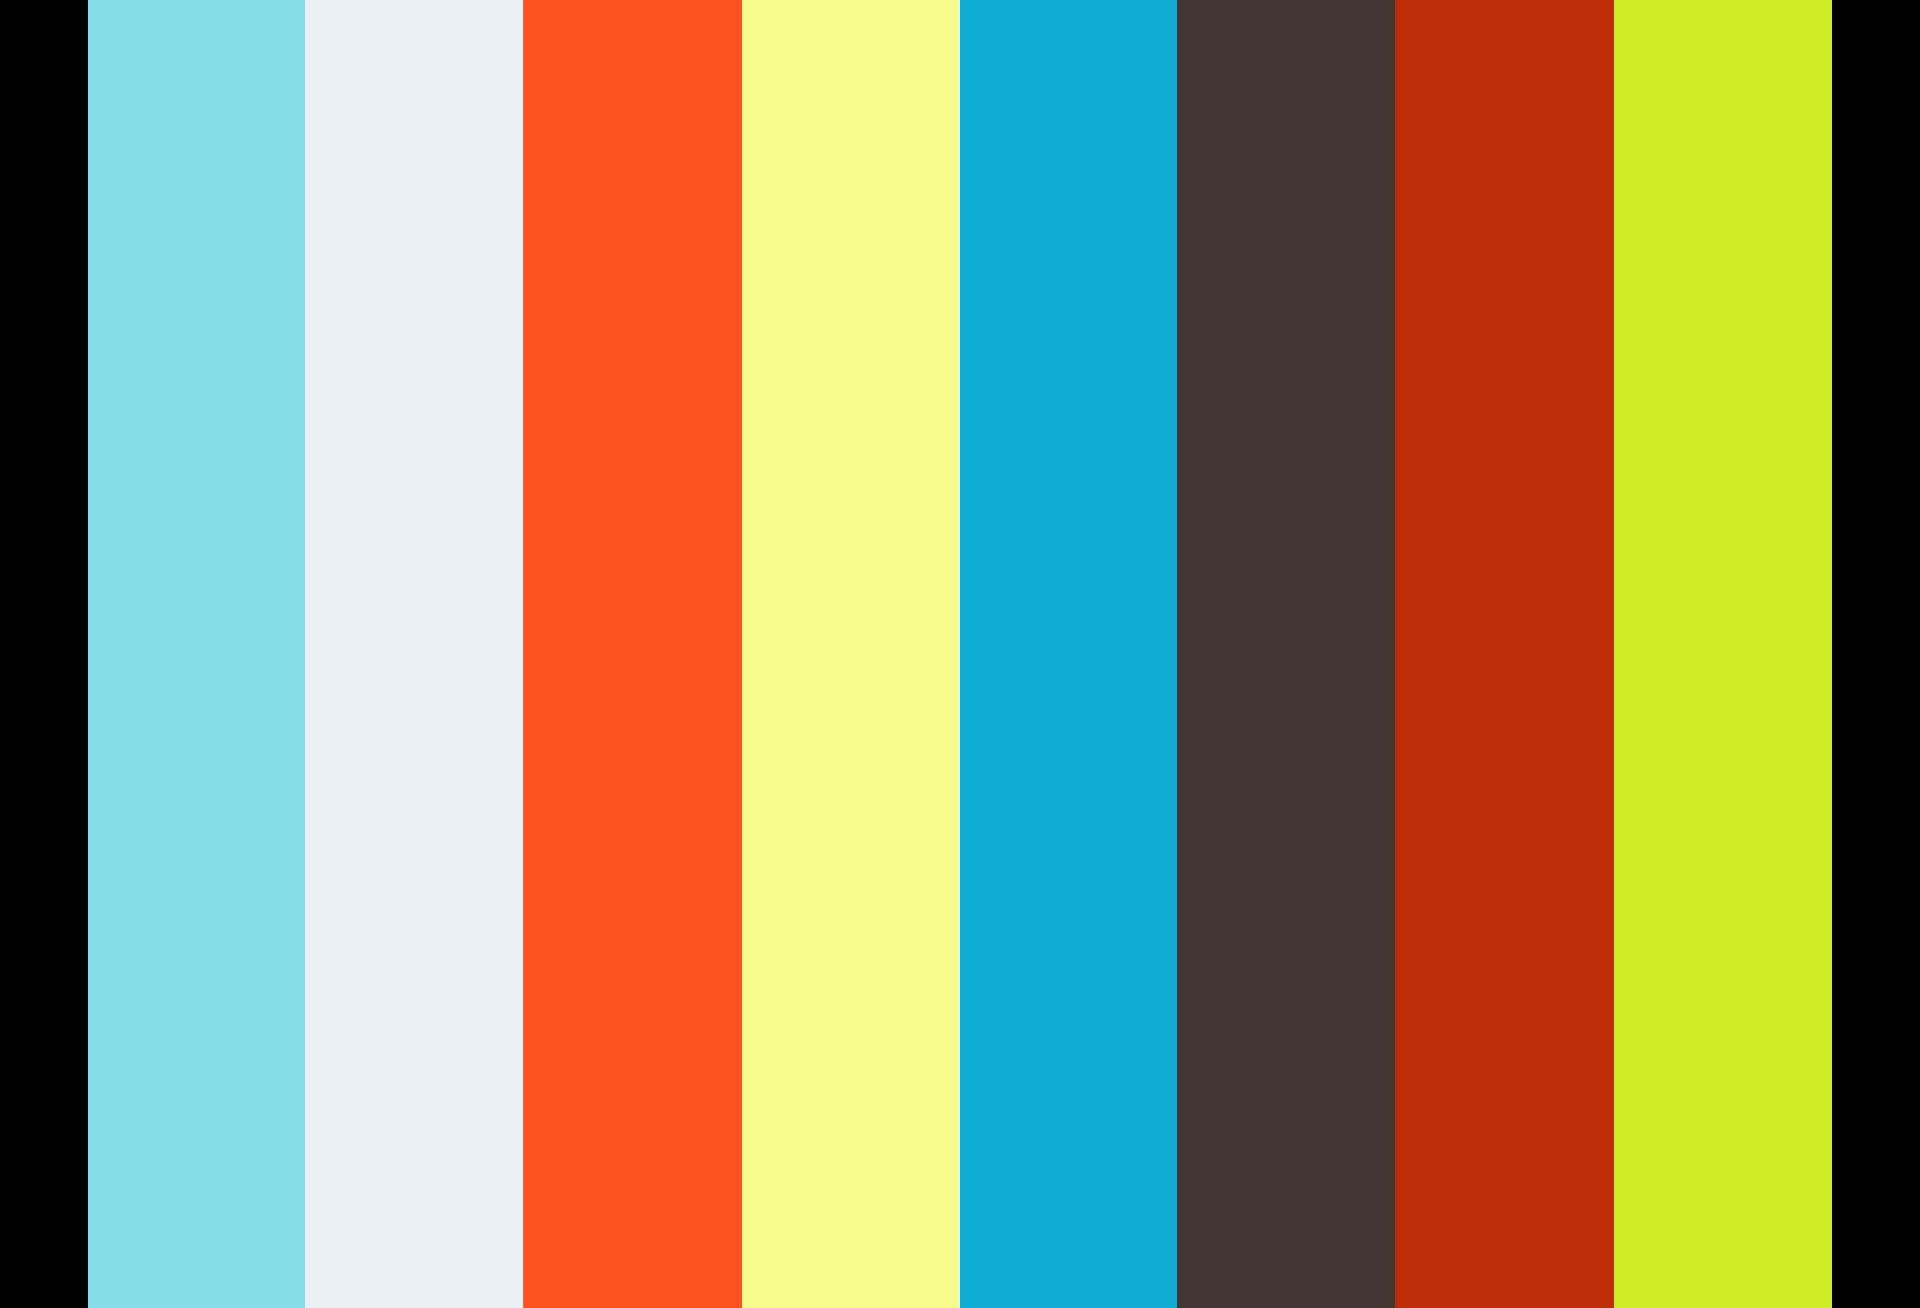 02_05_2020 - Brian - 1650 On Demand ACR_Trim